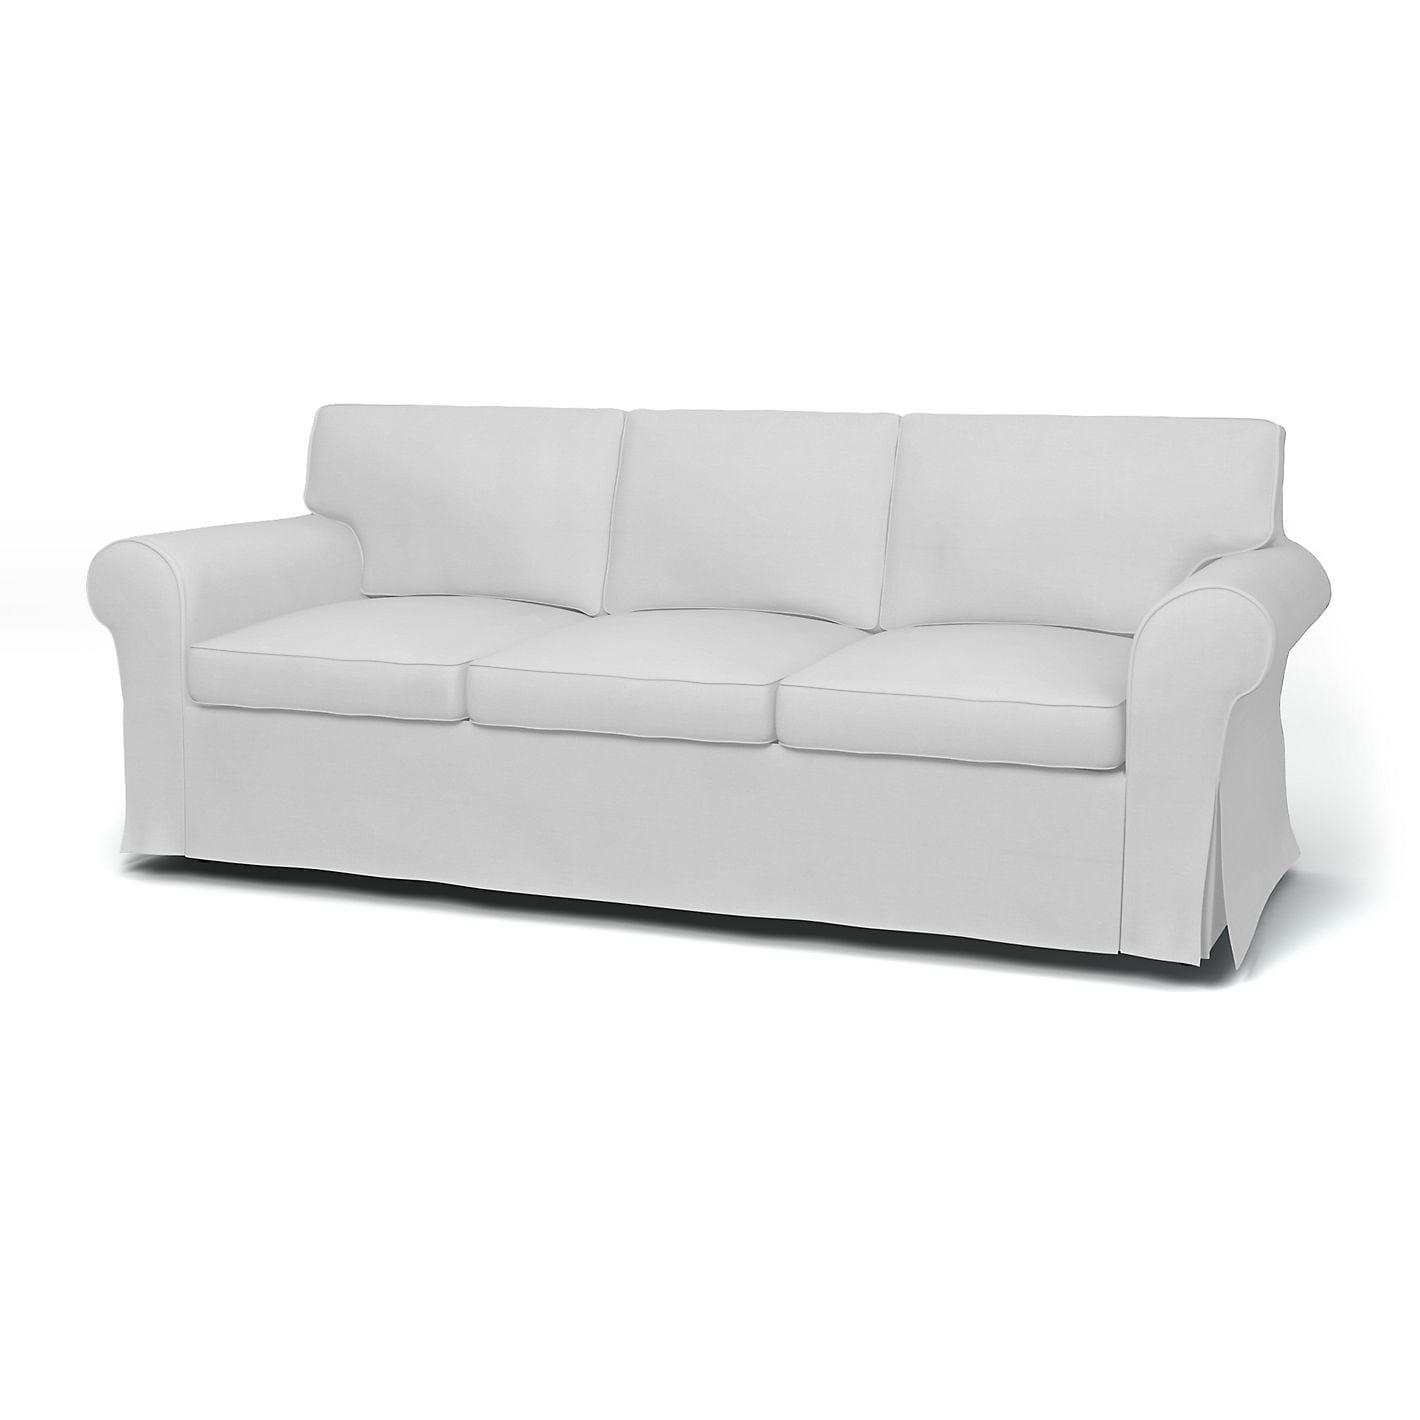 Housses Pour Canapés Ikea Bemz